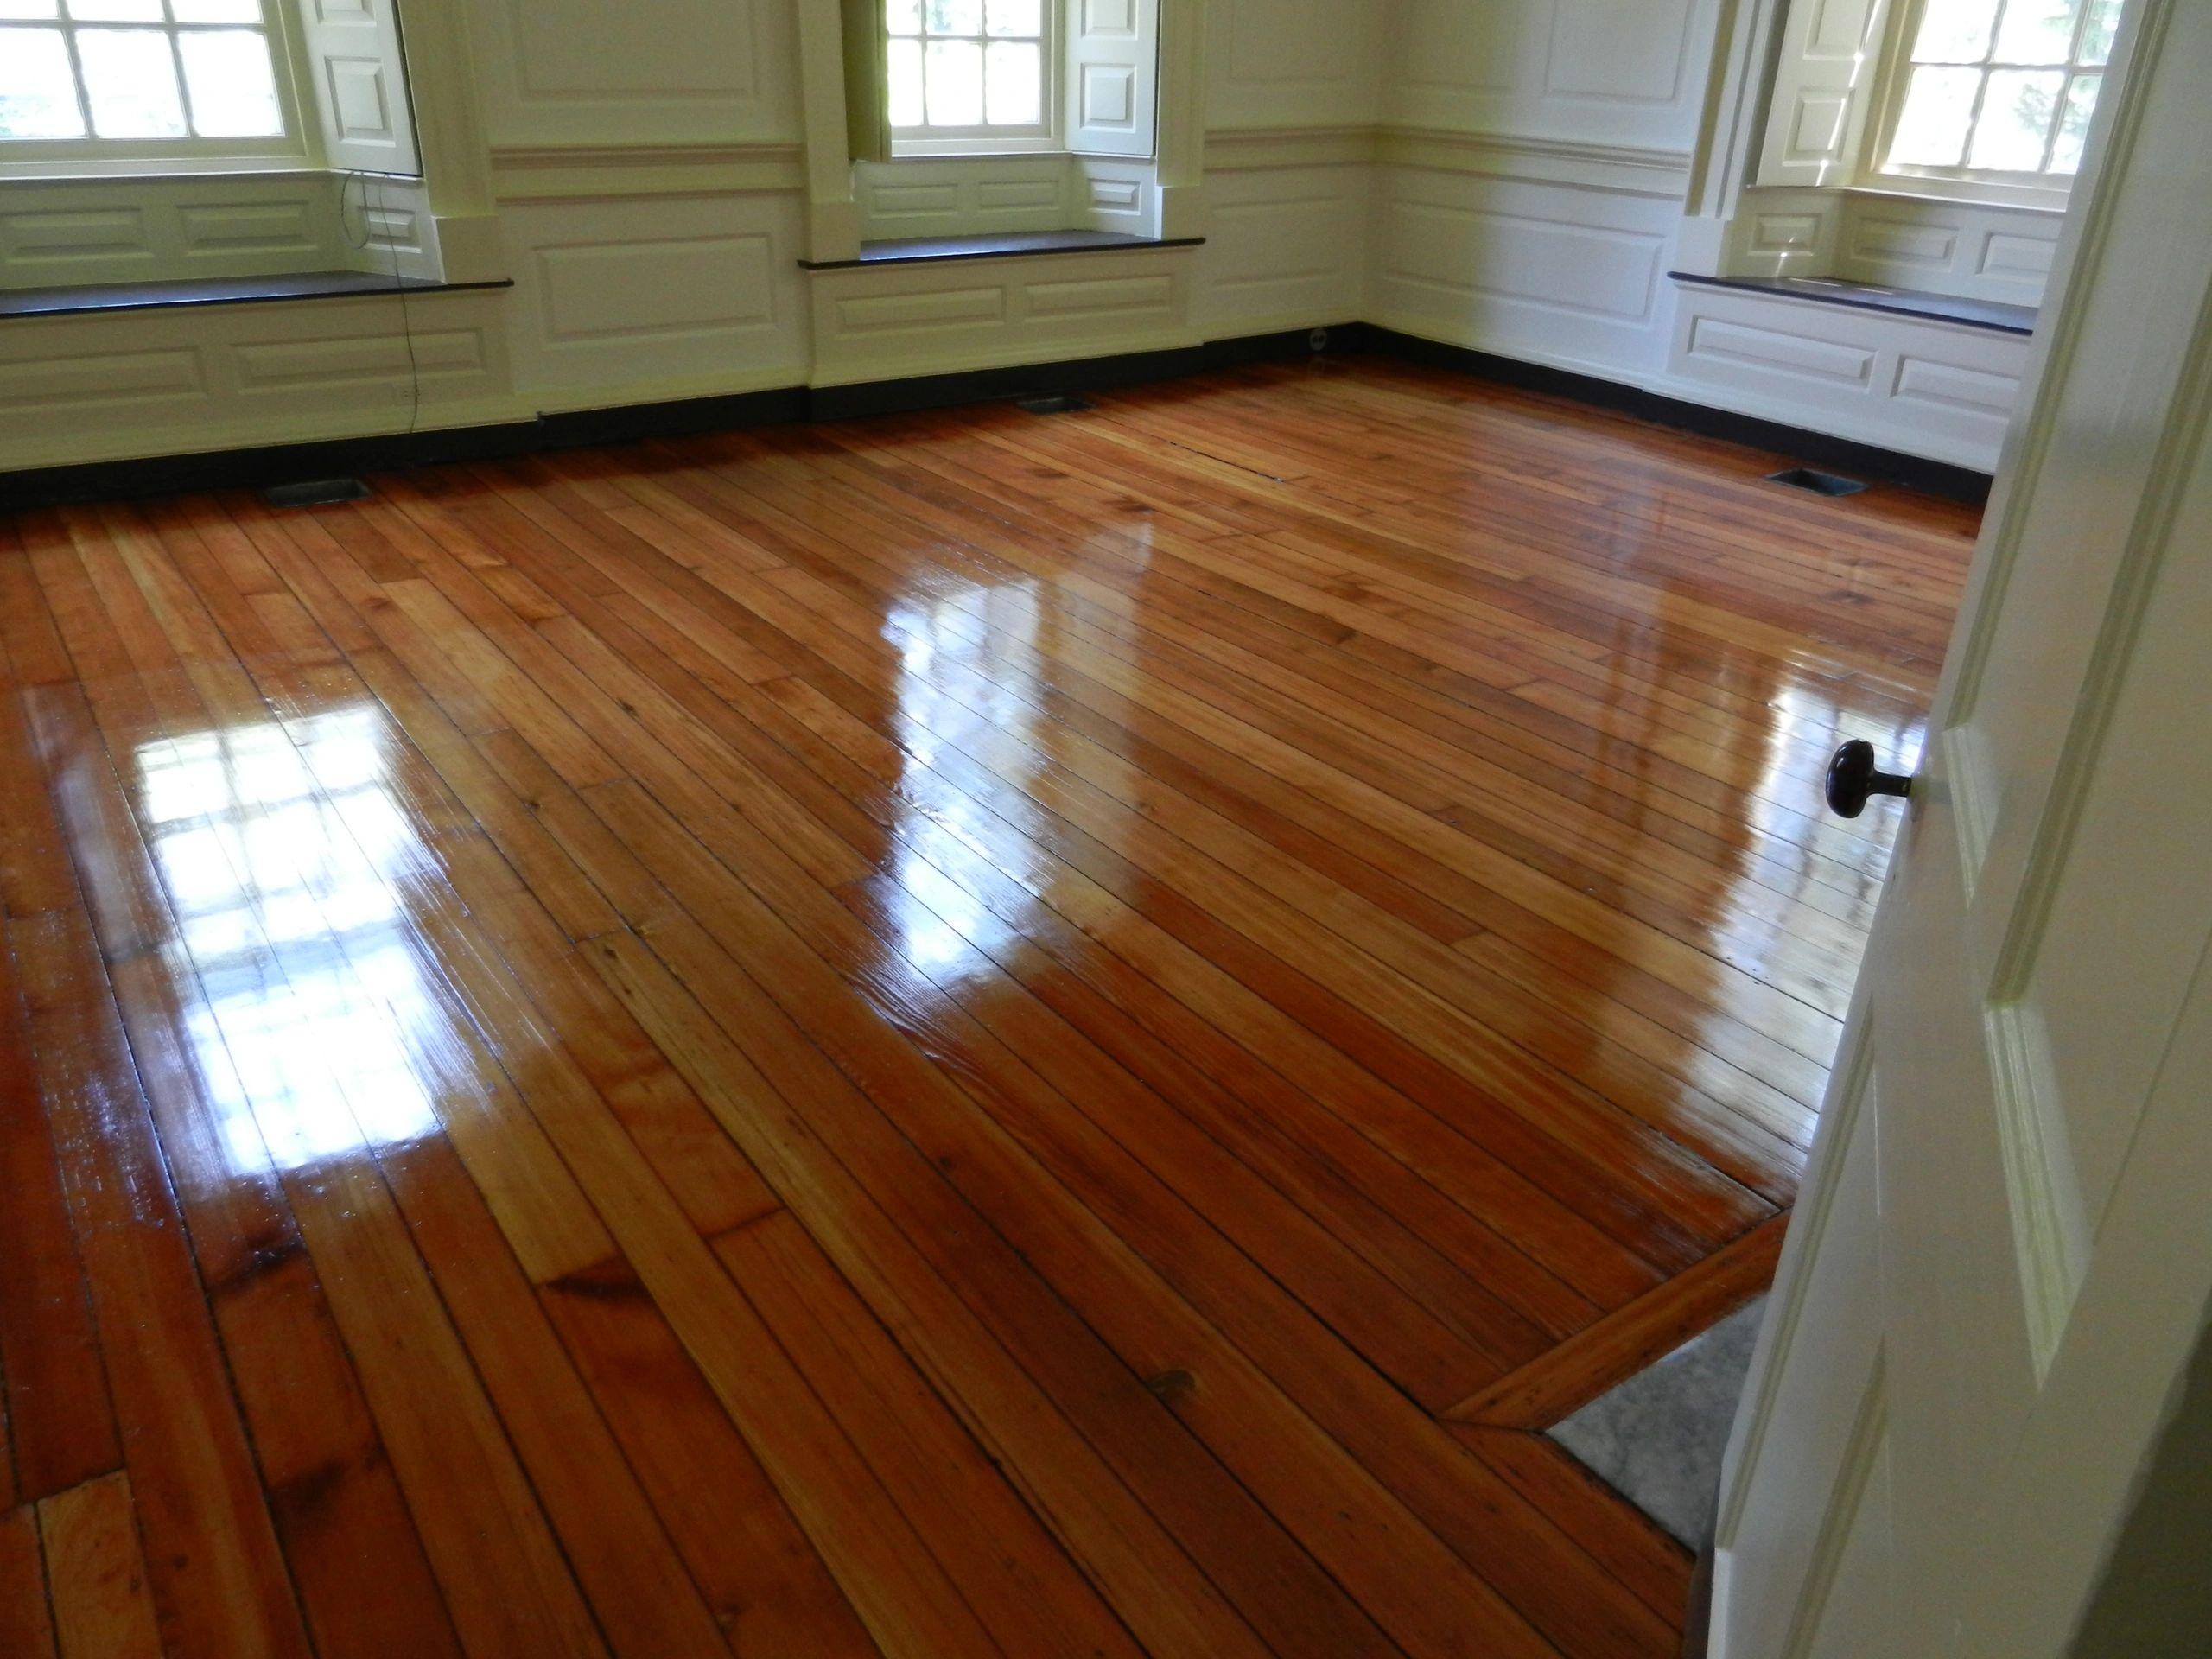 . Chesapeake Wood Floors   Wood Floors  Dustless Sanding   Refinishing